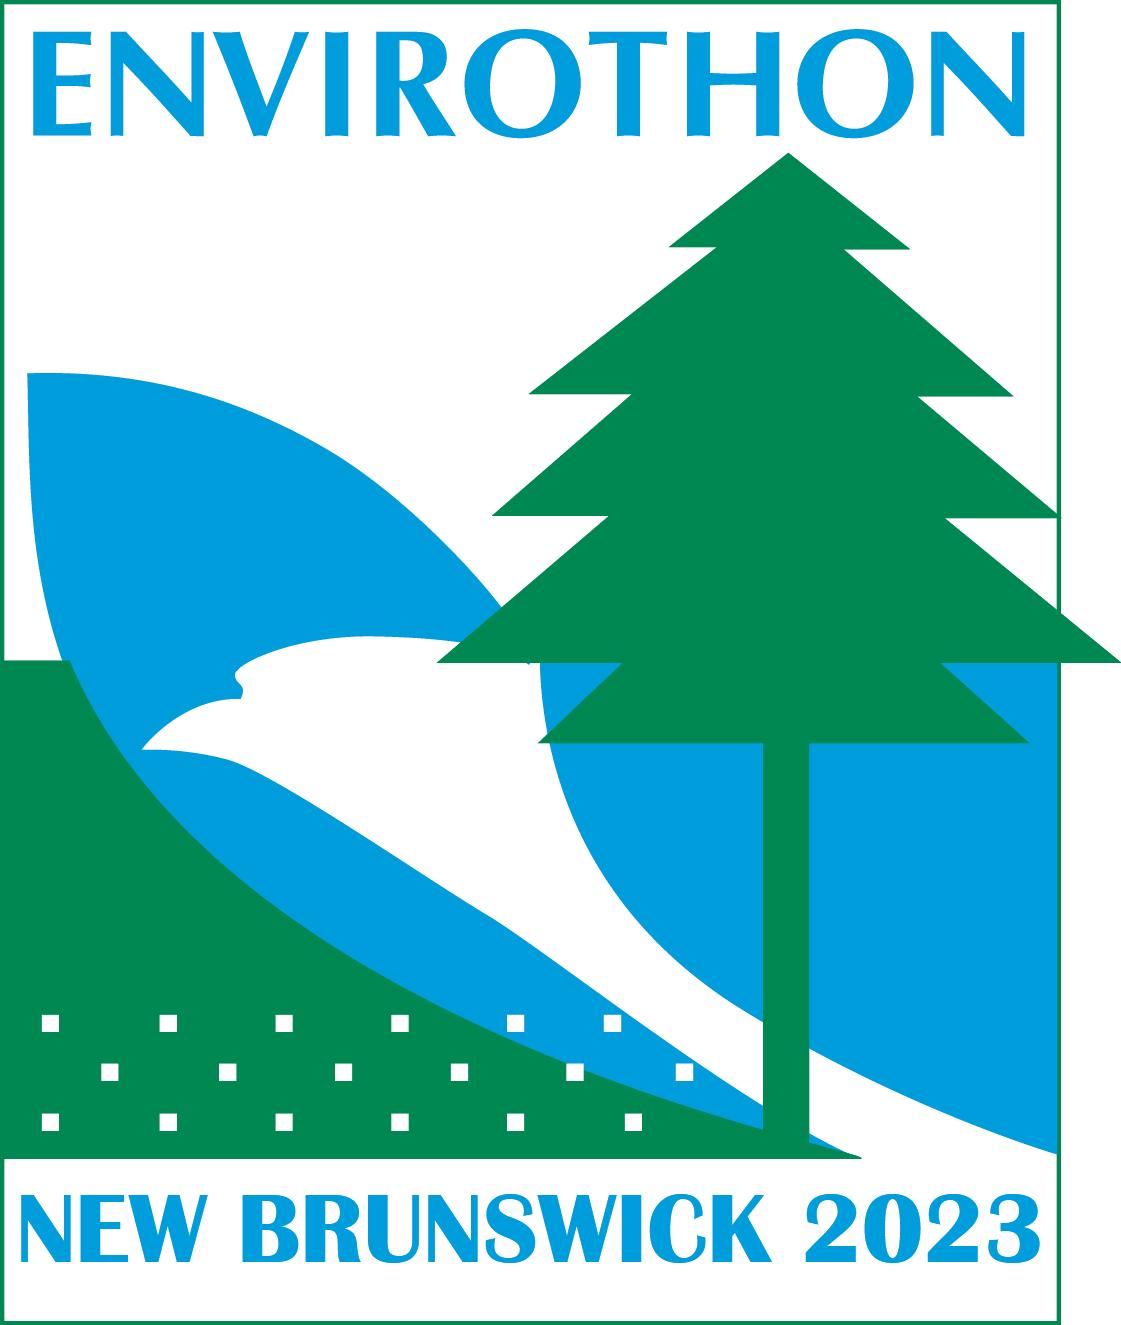 Envirothon NewBrunswick2023